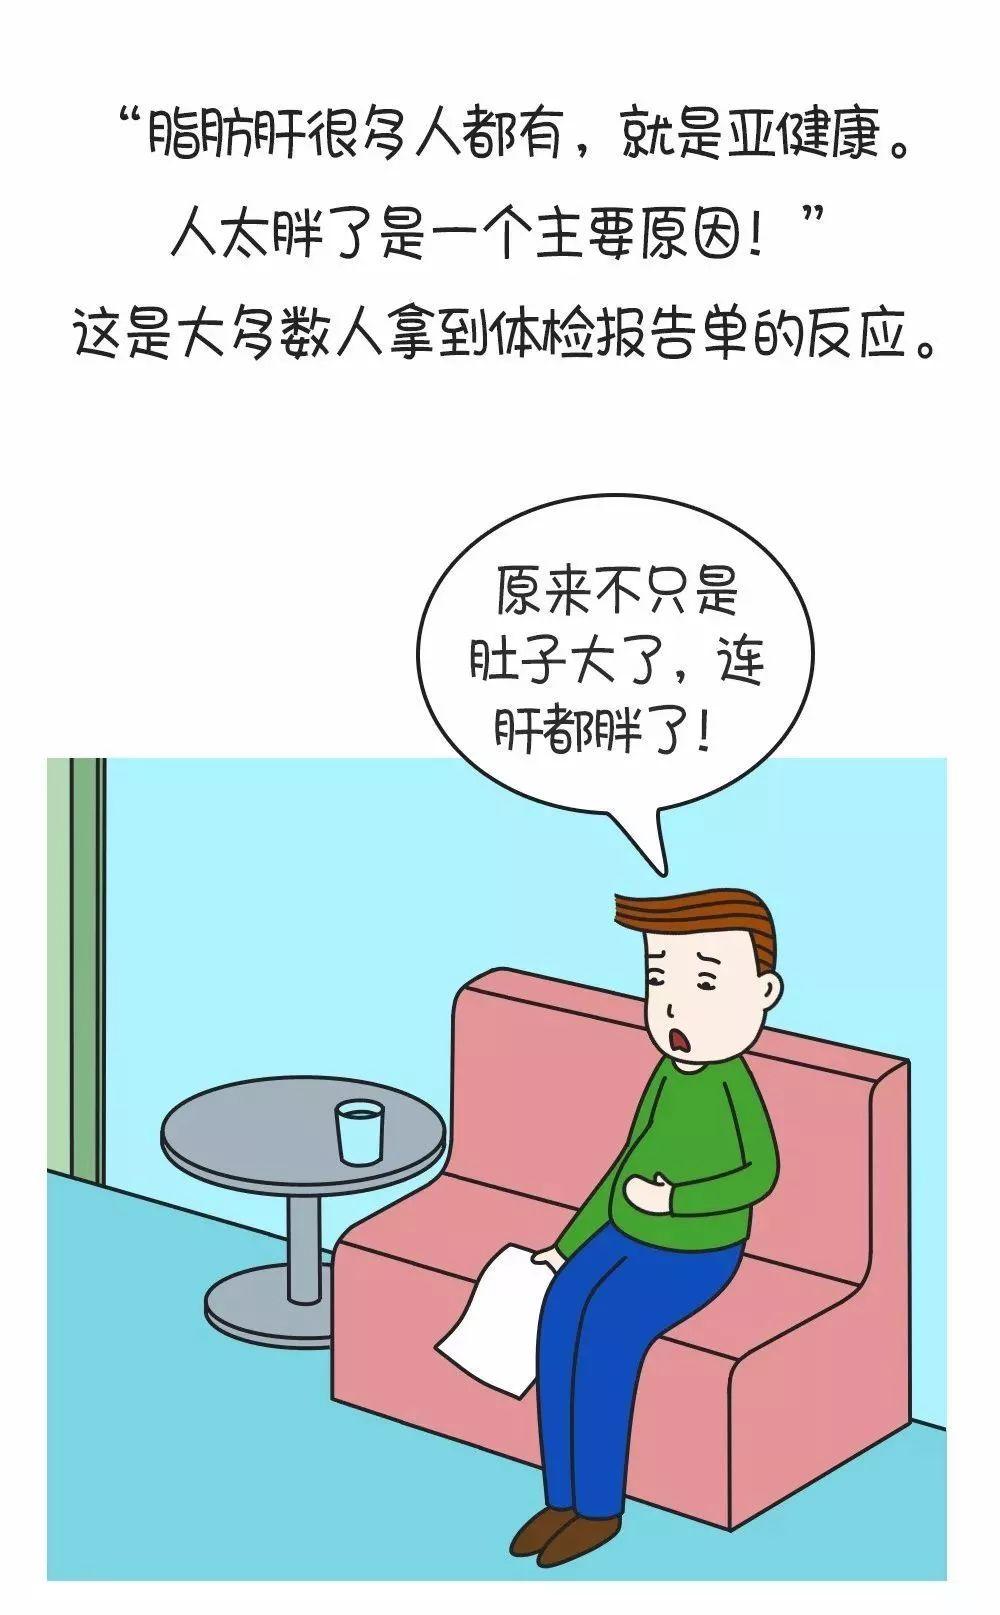 漫画|我的肝变胖了!